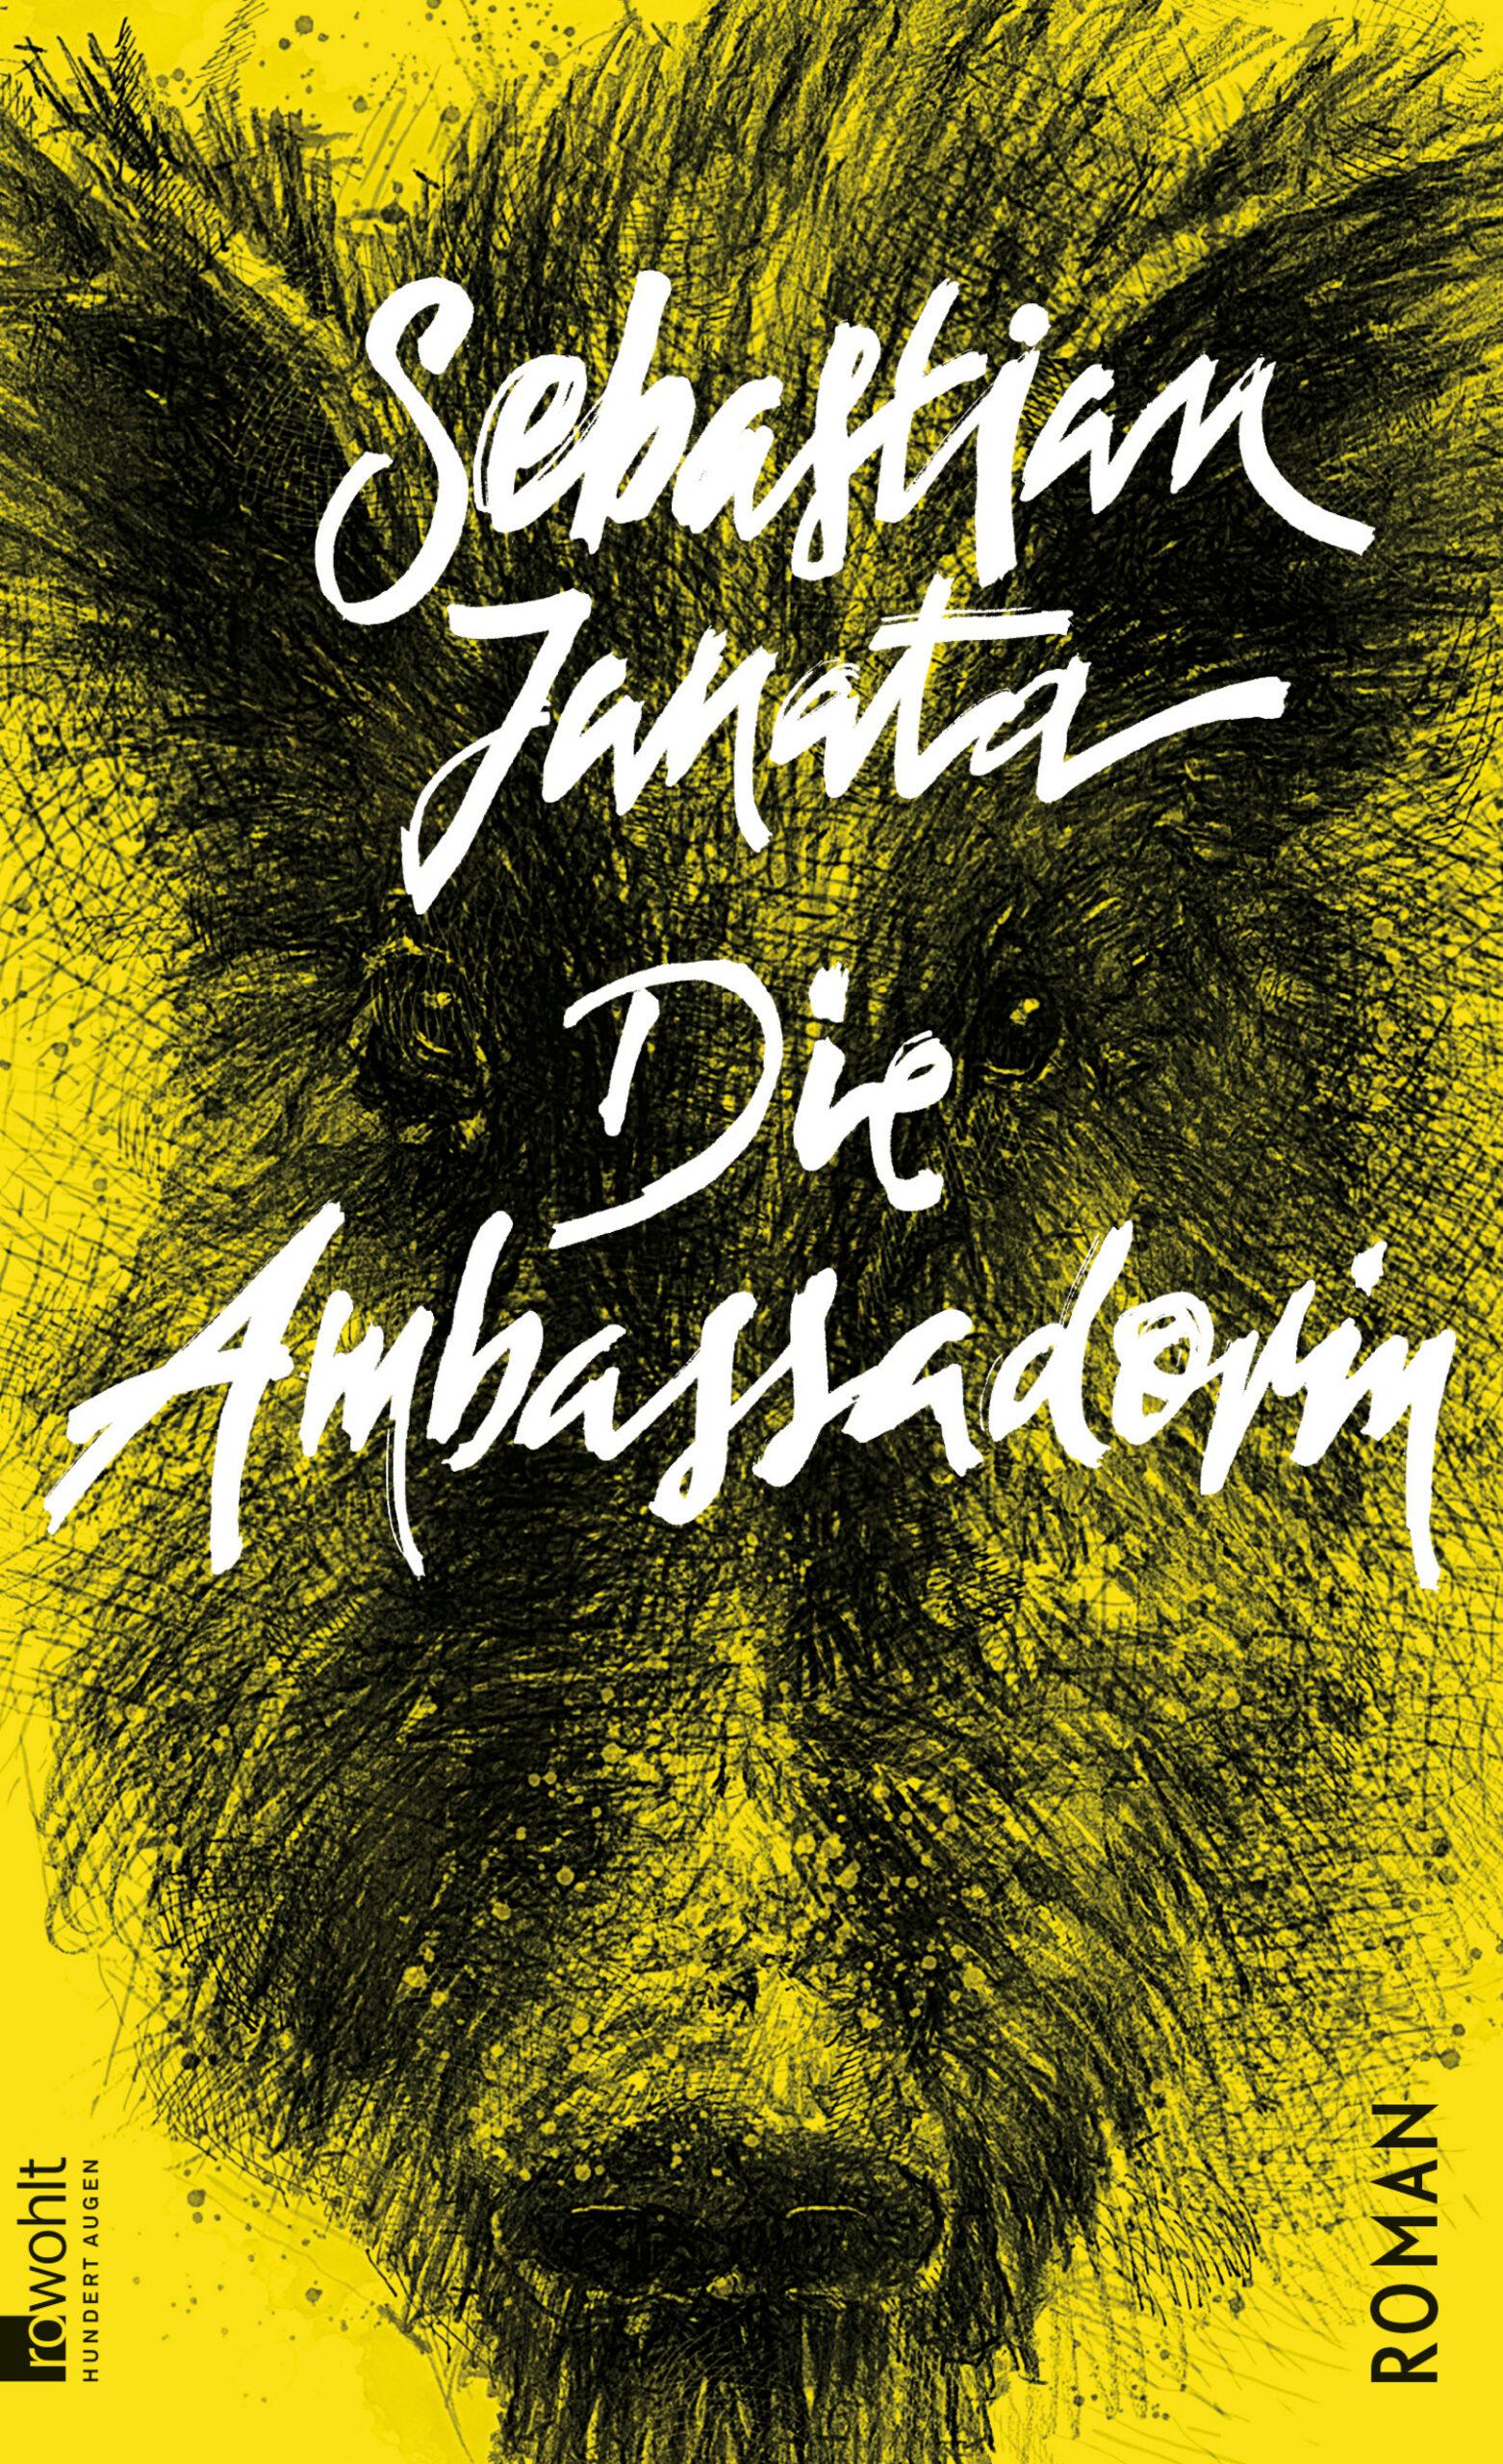 Buchcover des Romans Die Ambassadorin von Sebastian Janata.